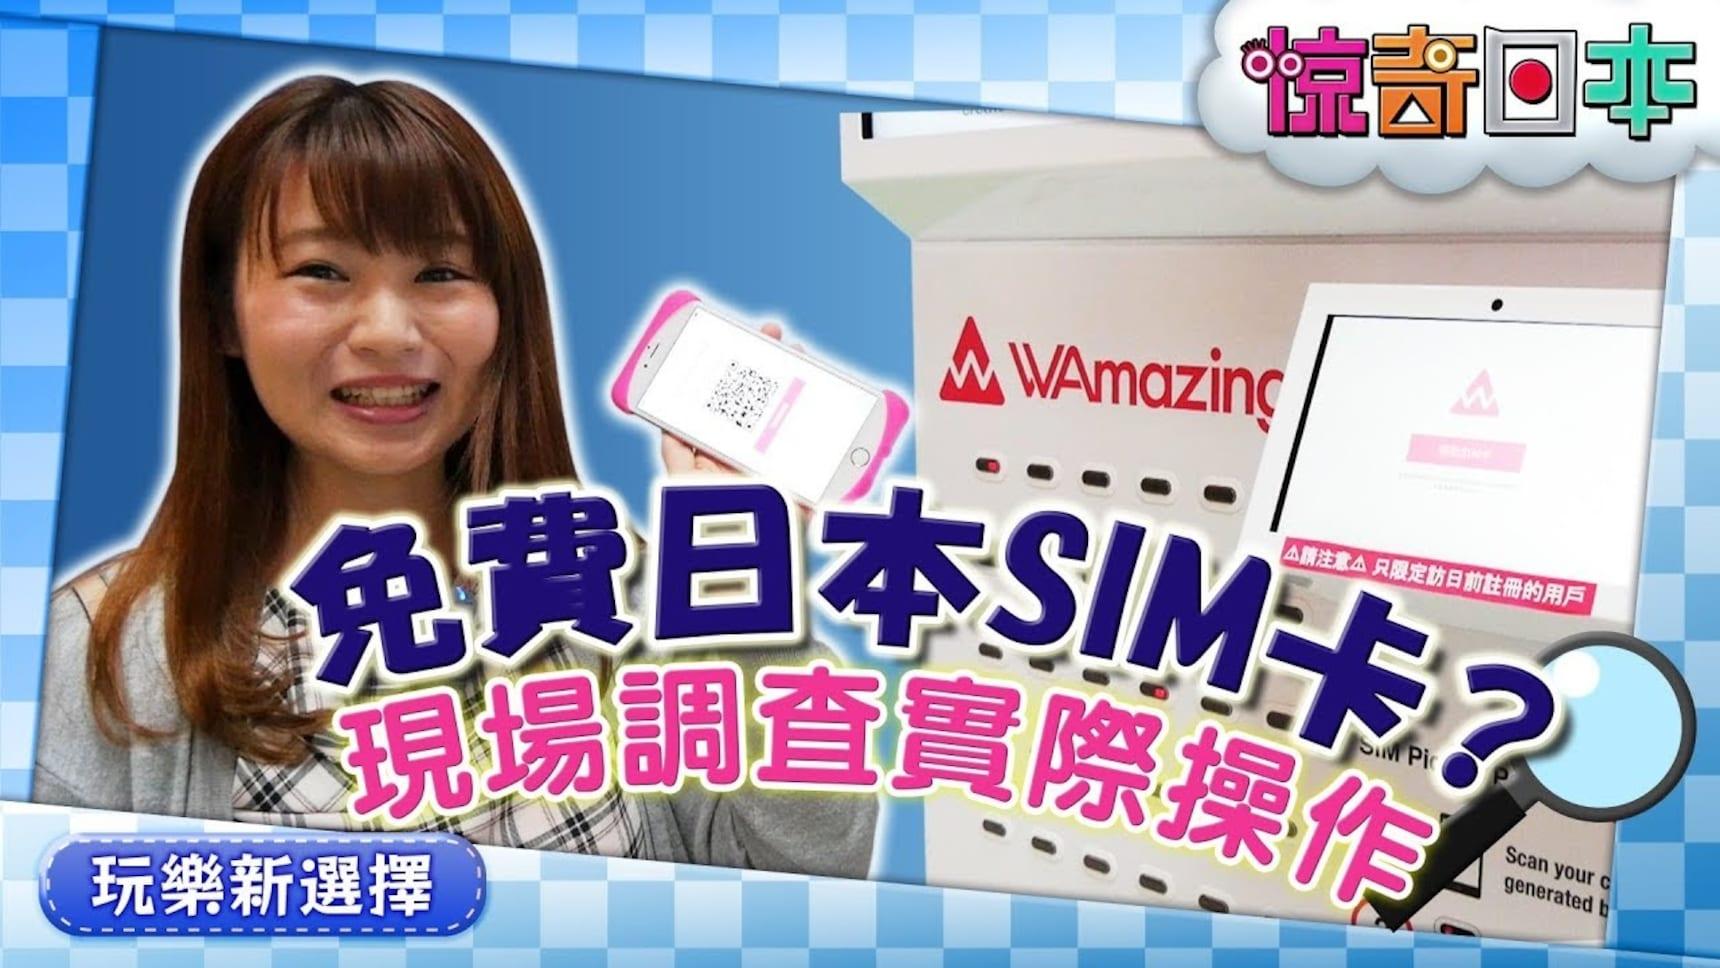 可以免費上網的日本SIM卡?跟隨特派小組深入關西國際機場實際調查!